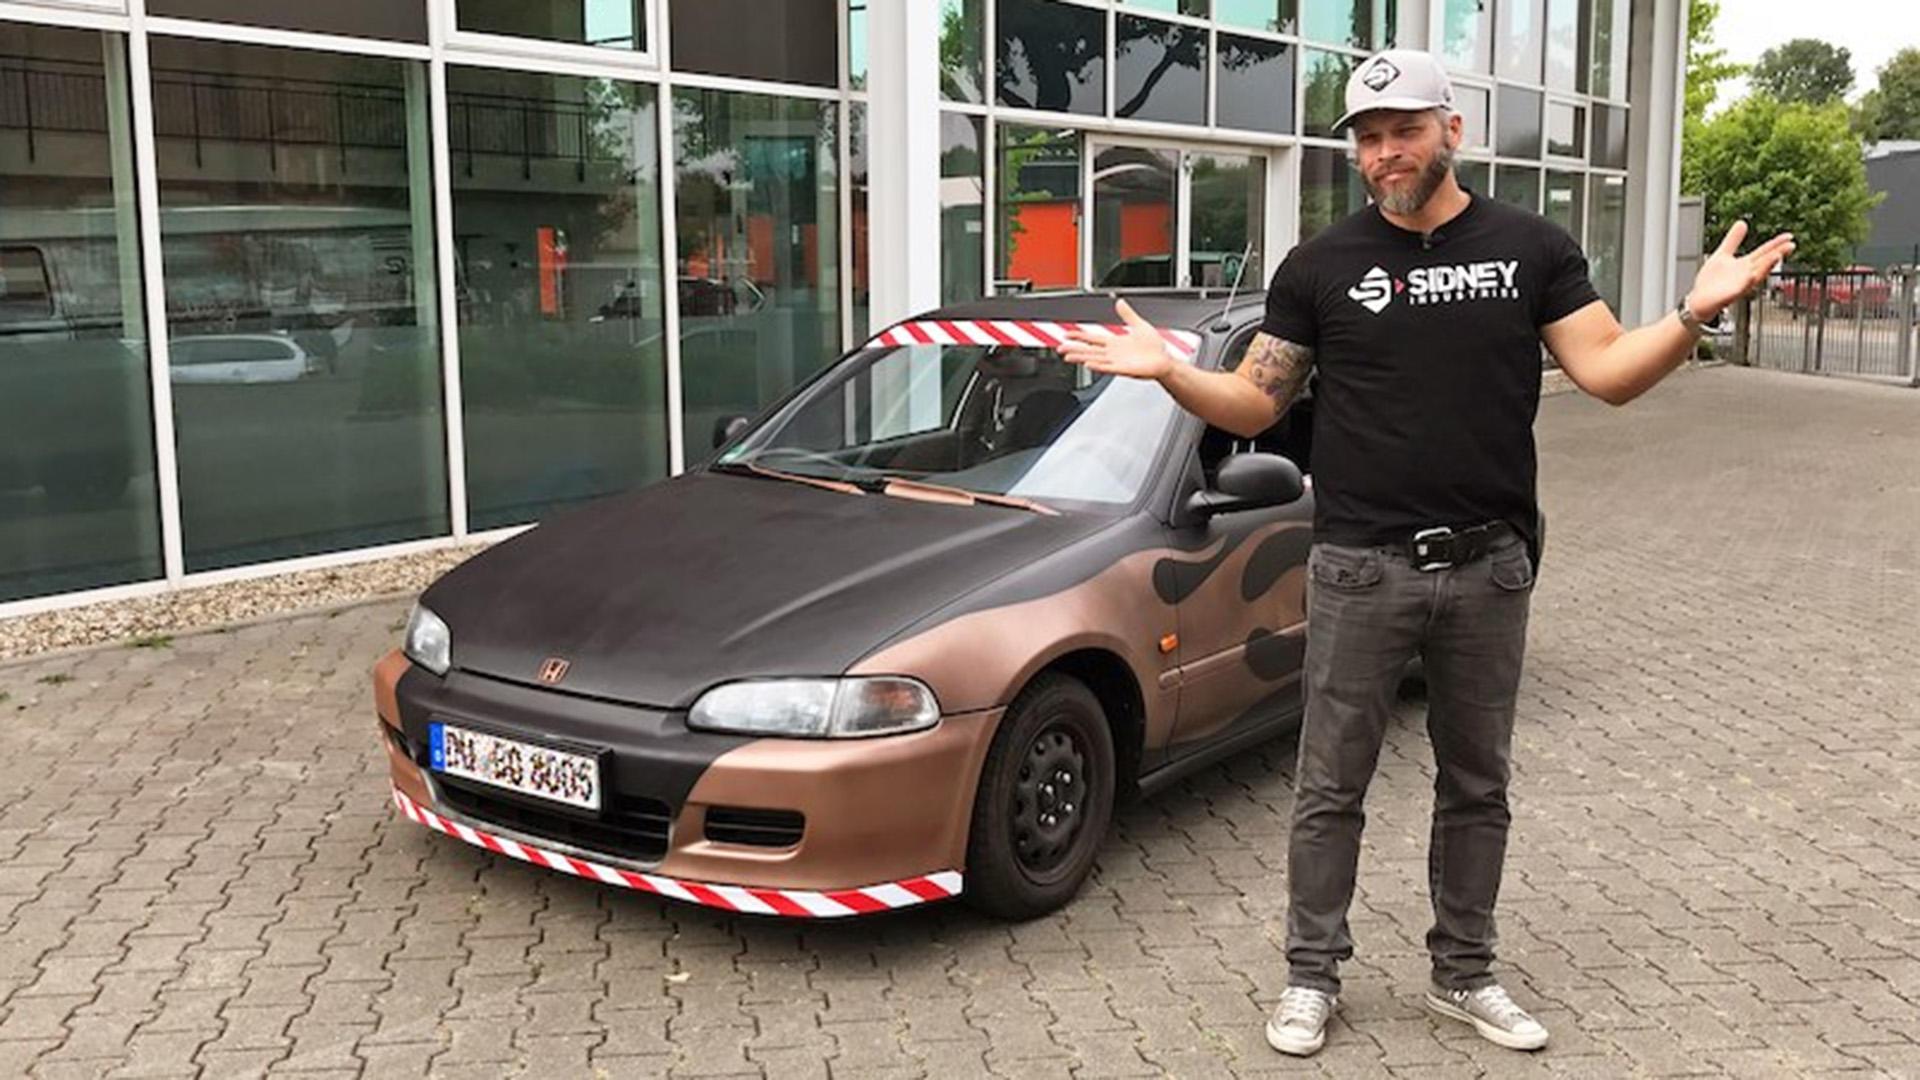 Det sucht Roadster | Horrortuning | Hamid sucht Luxuslimo | Porsche 919 Hybrid | Folge 449